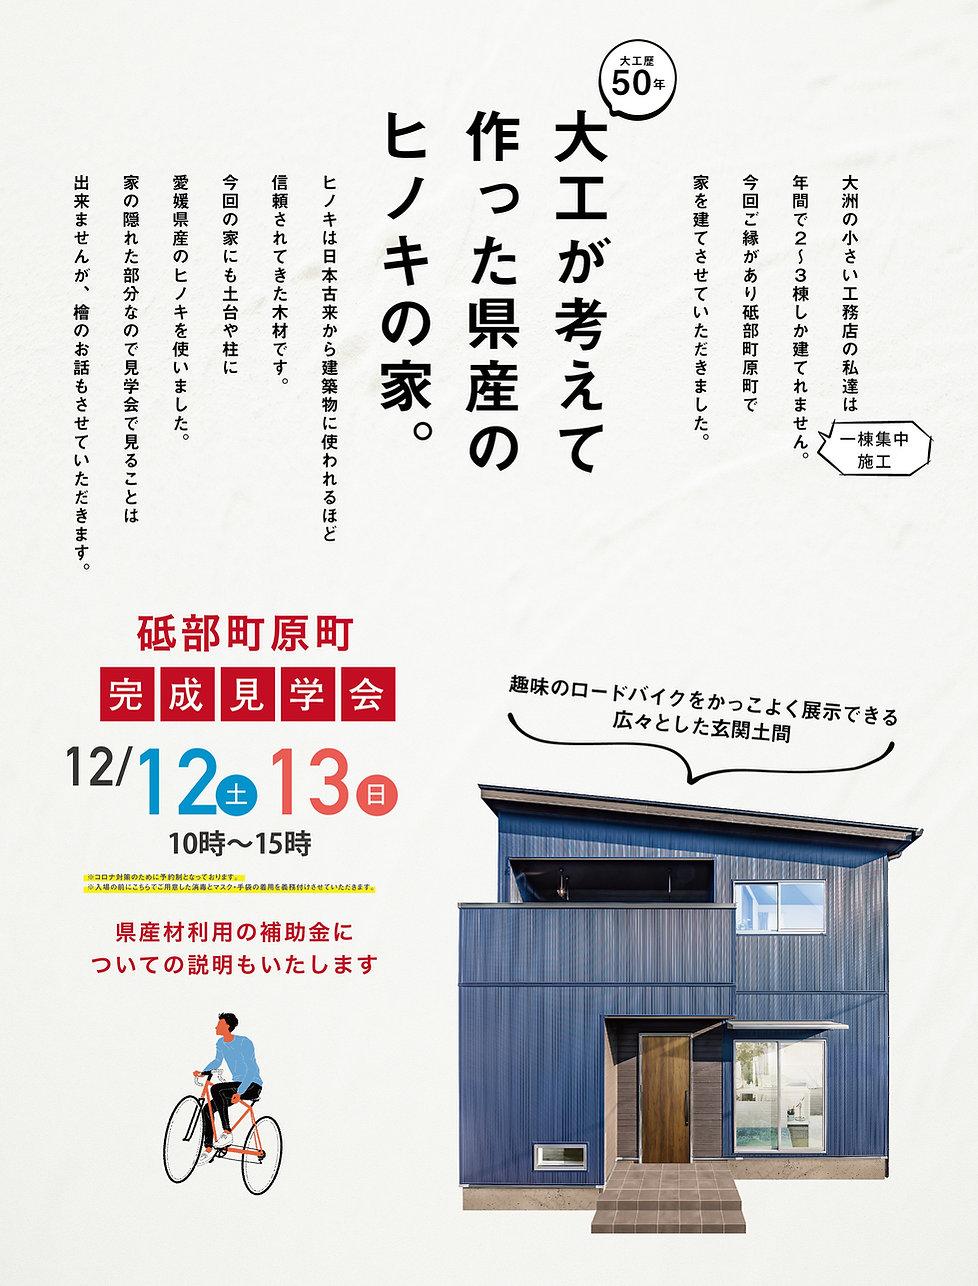 2011_砥部町完成見学会チラシ-01.jpg